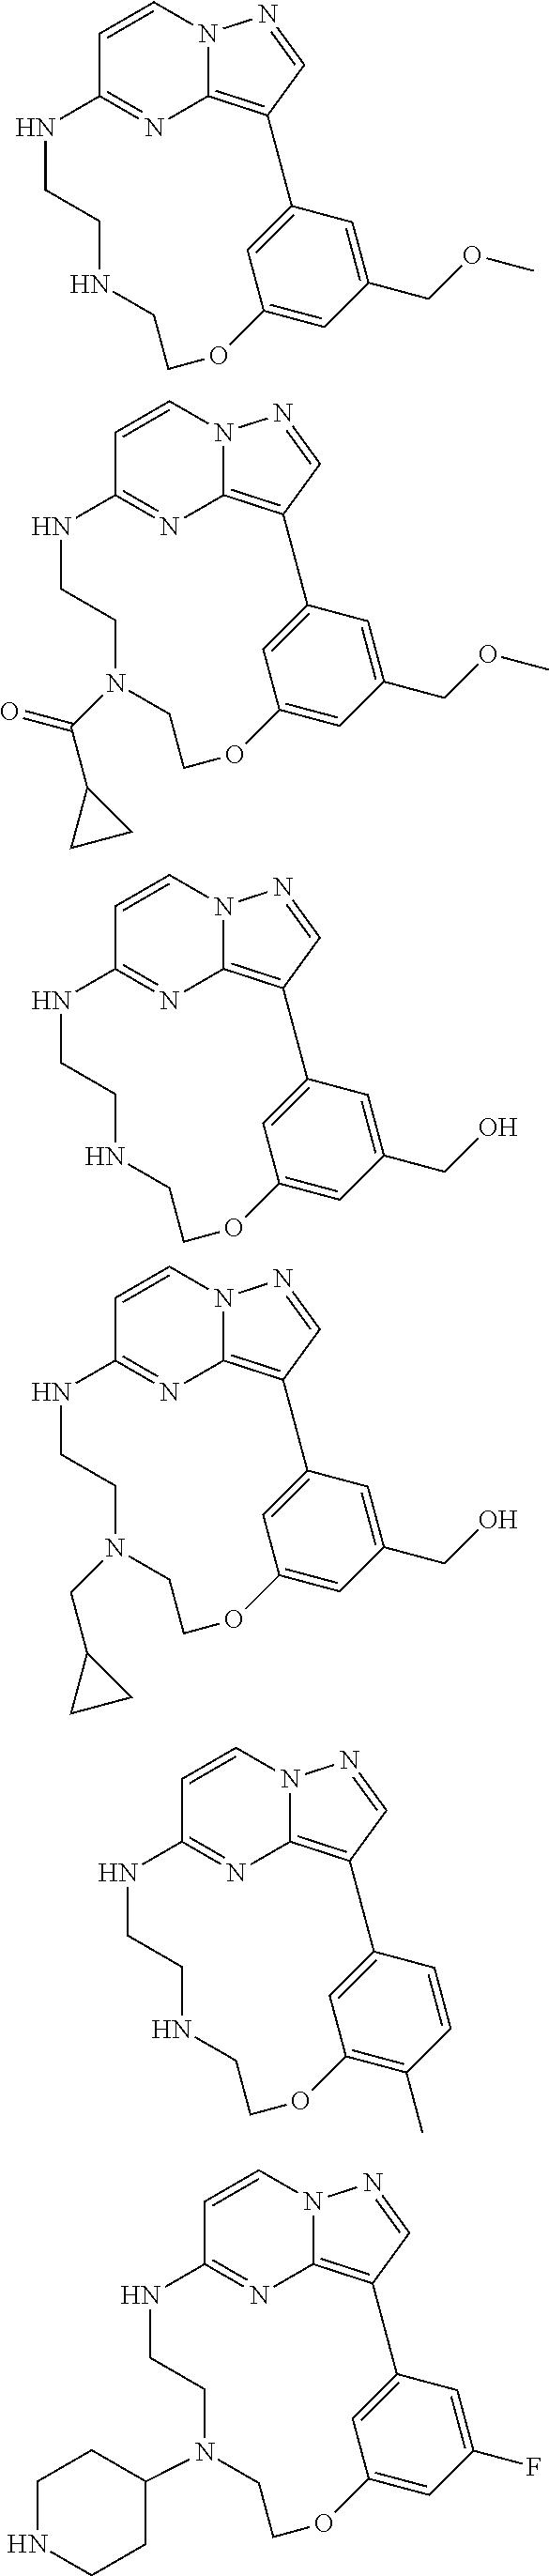 Figure US09586975-20170307-C00002